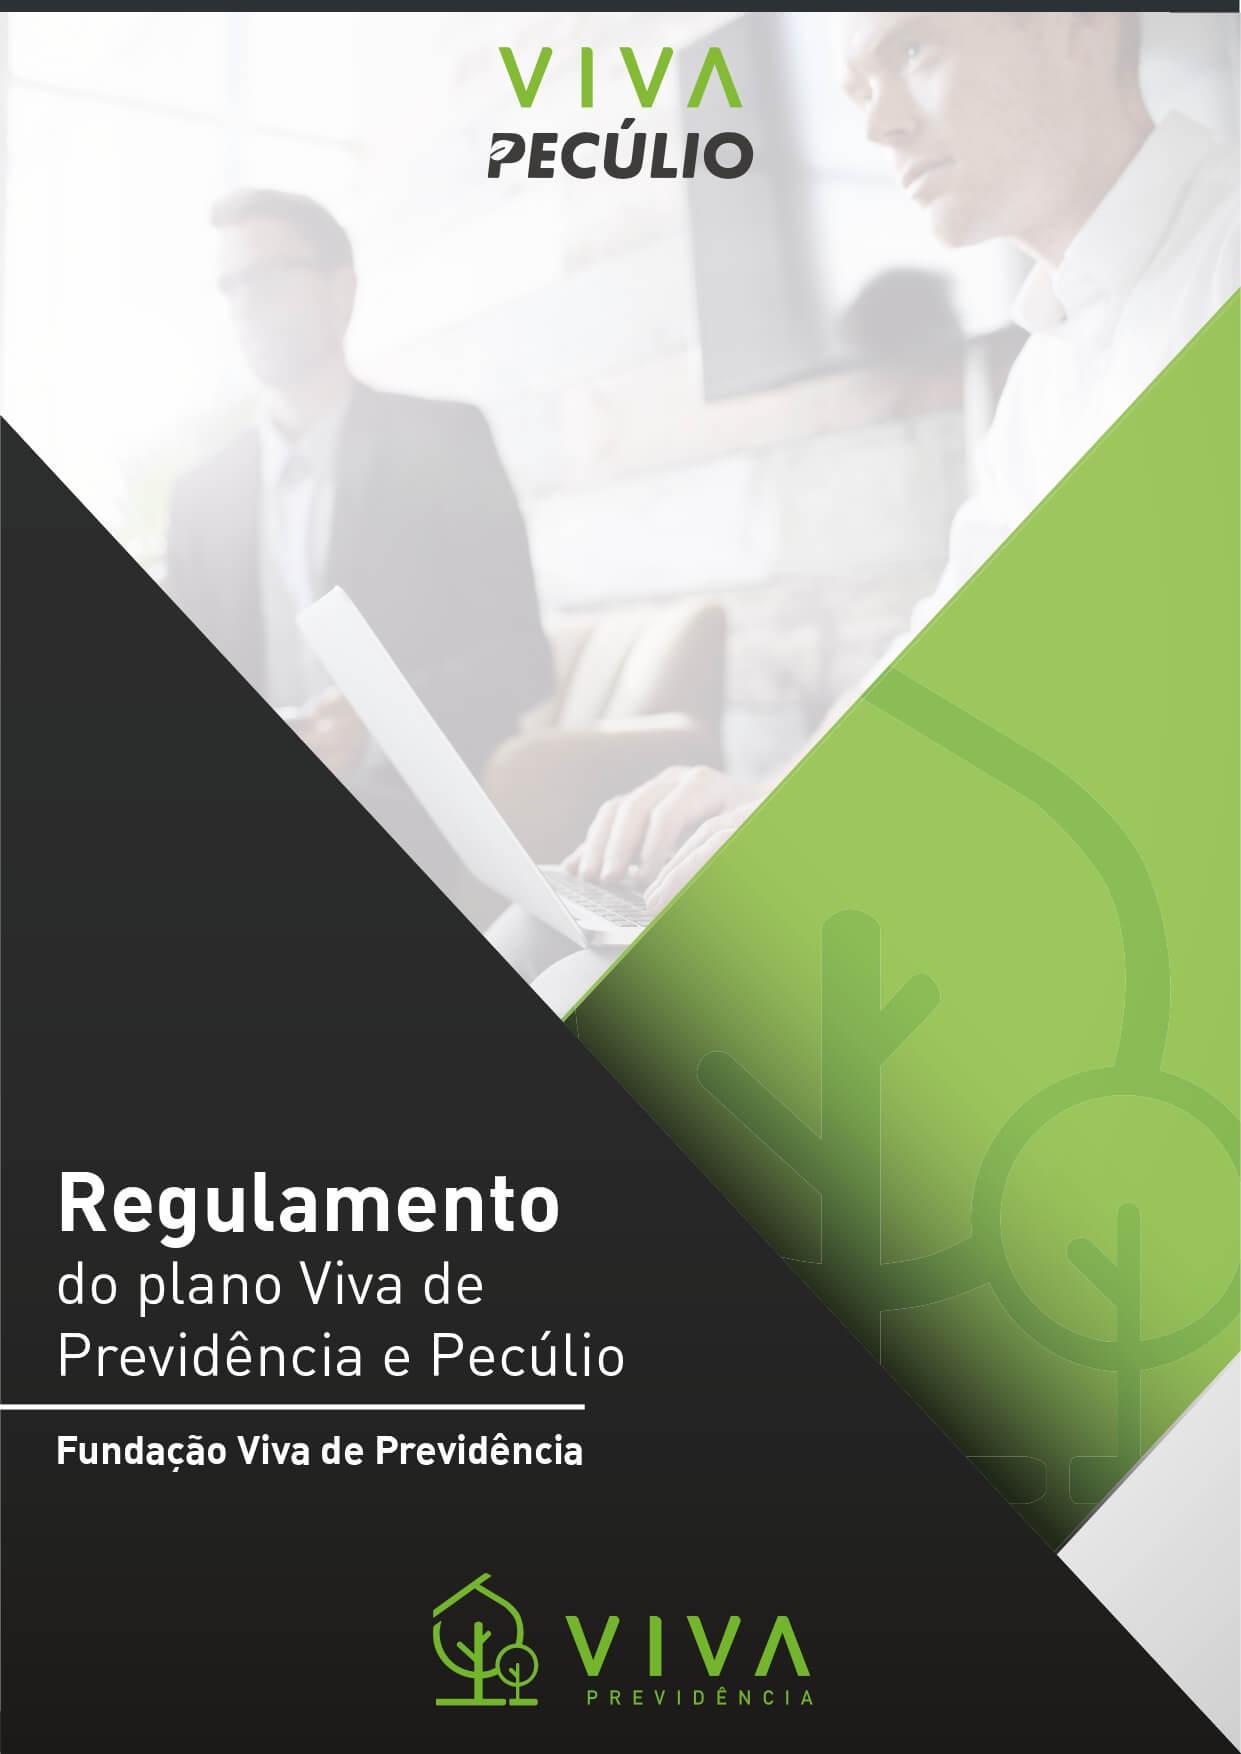 Regulamento Viva Pecúlio